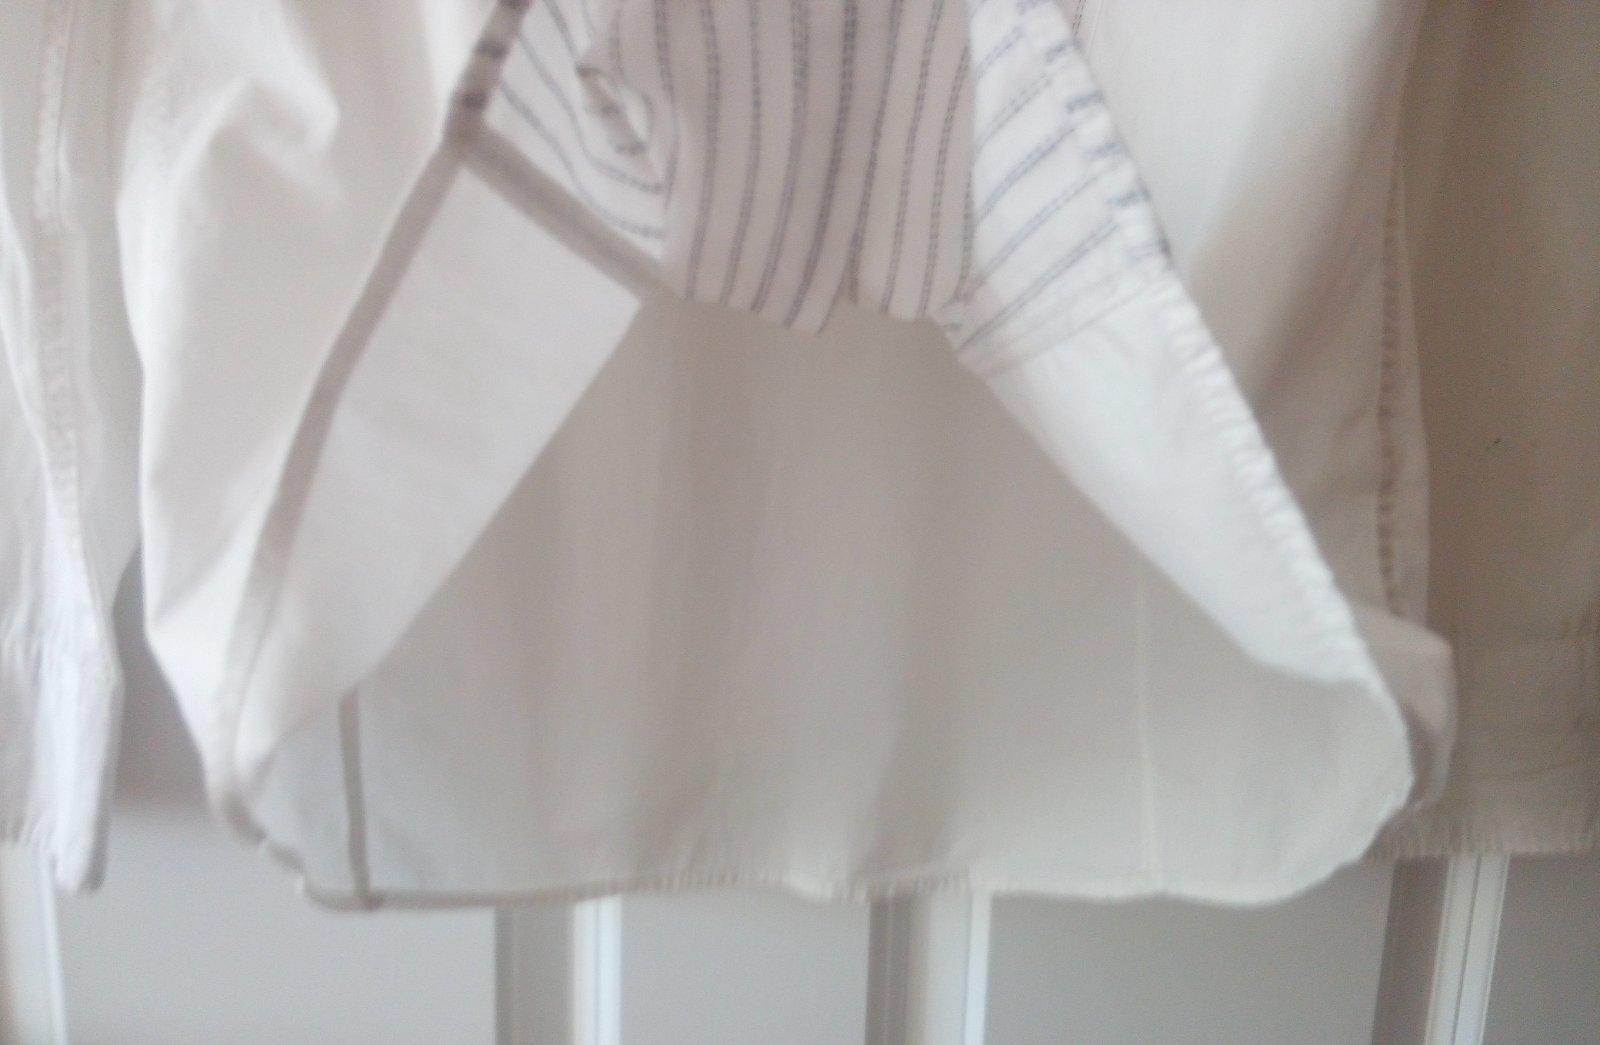 Biela pánska košeľa M, ponožky - Obrázok č. 4